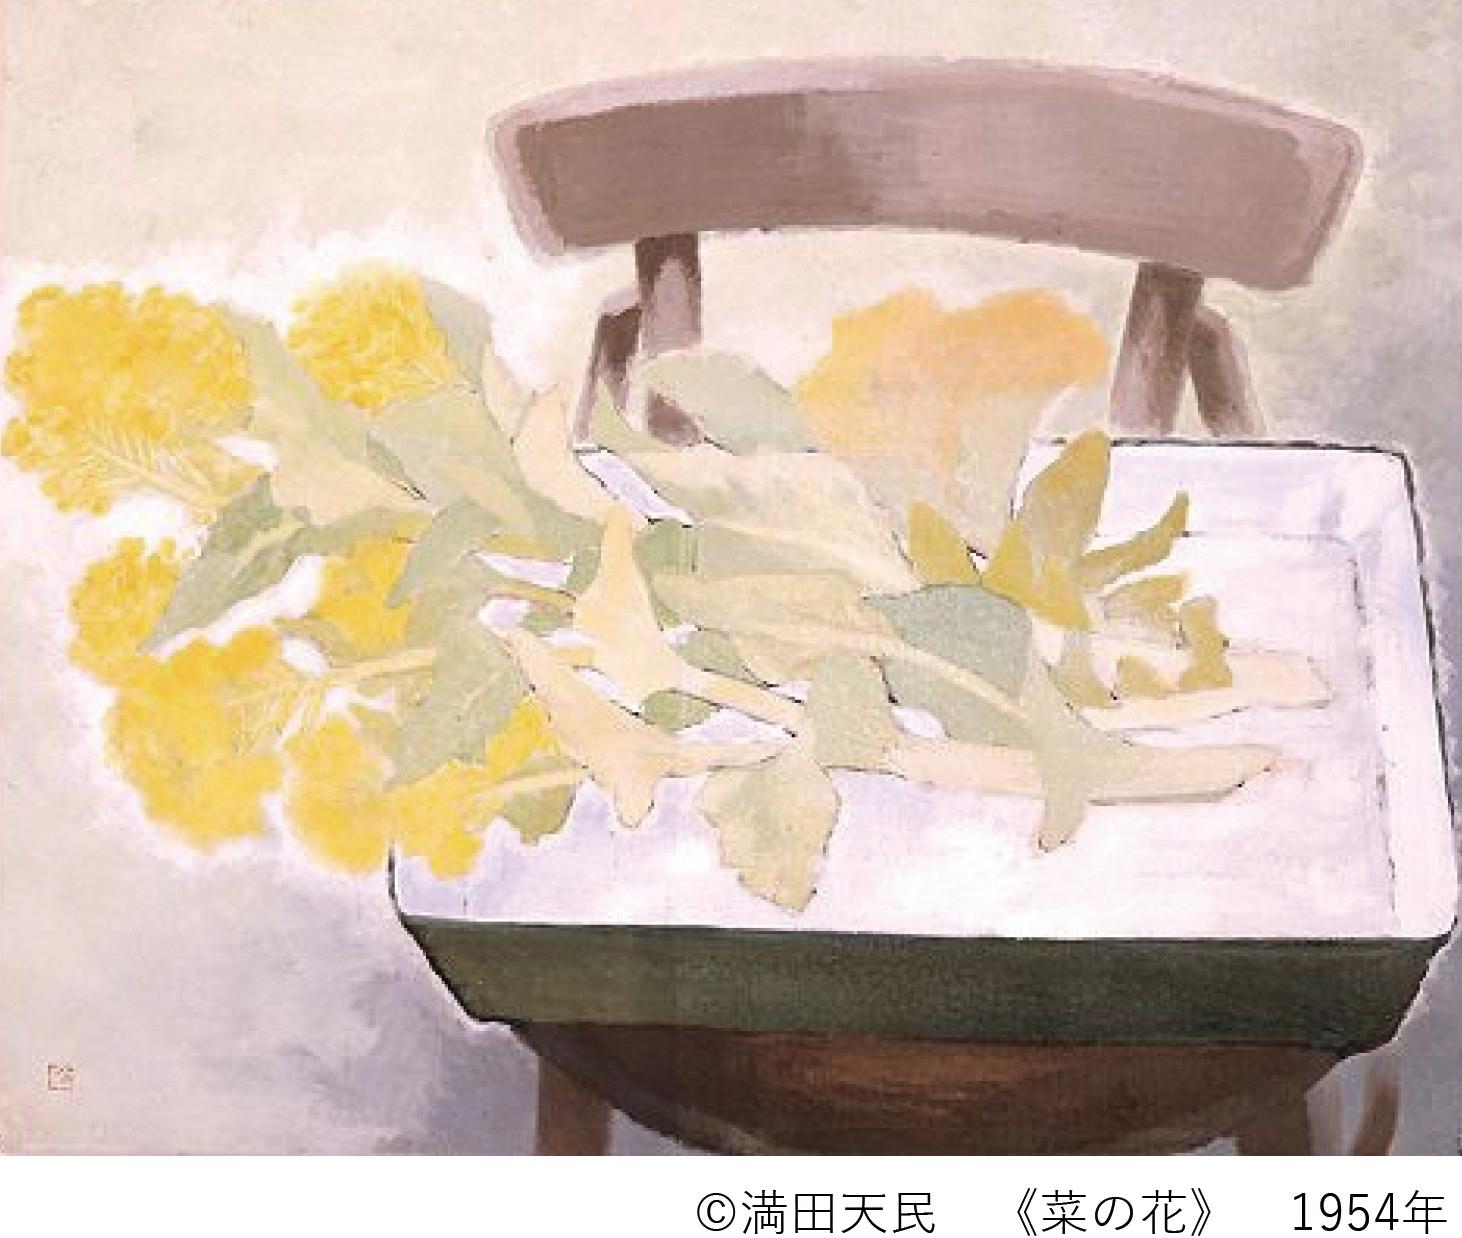 春の所蔵品展 特集:日本画のあじわい~郷土作家の戦後の作品から